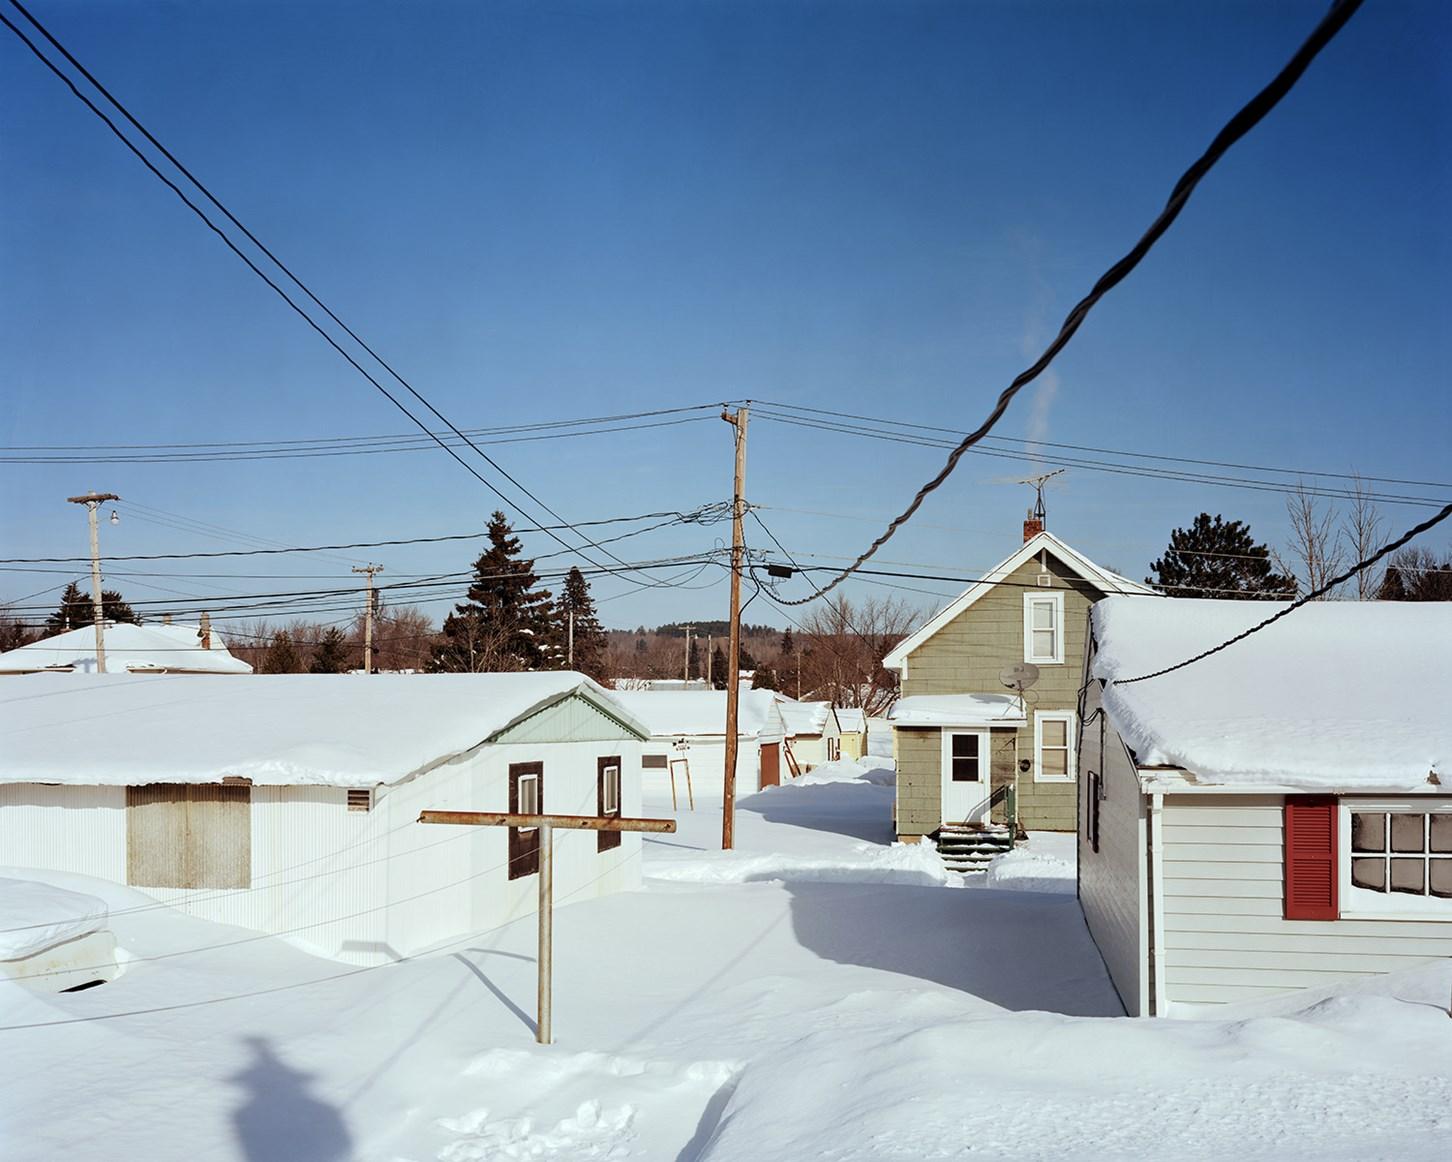 Backyard, Biwabik, Minnesota, February 2014